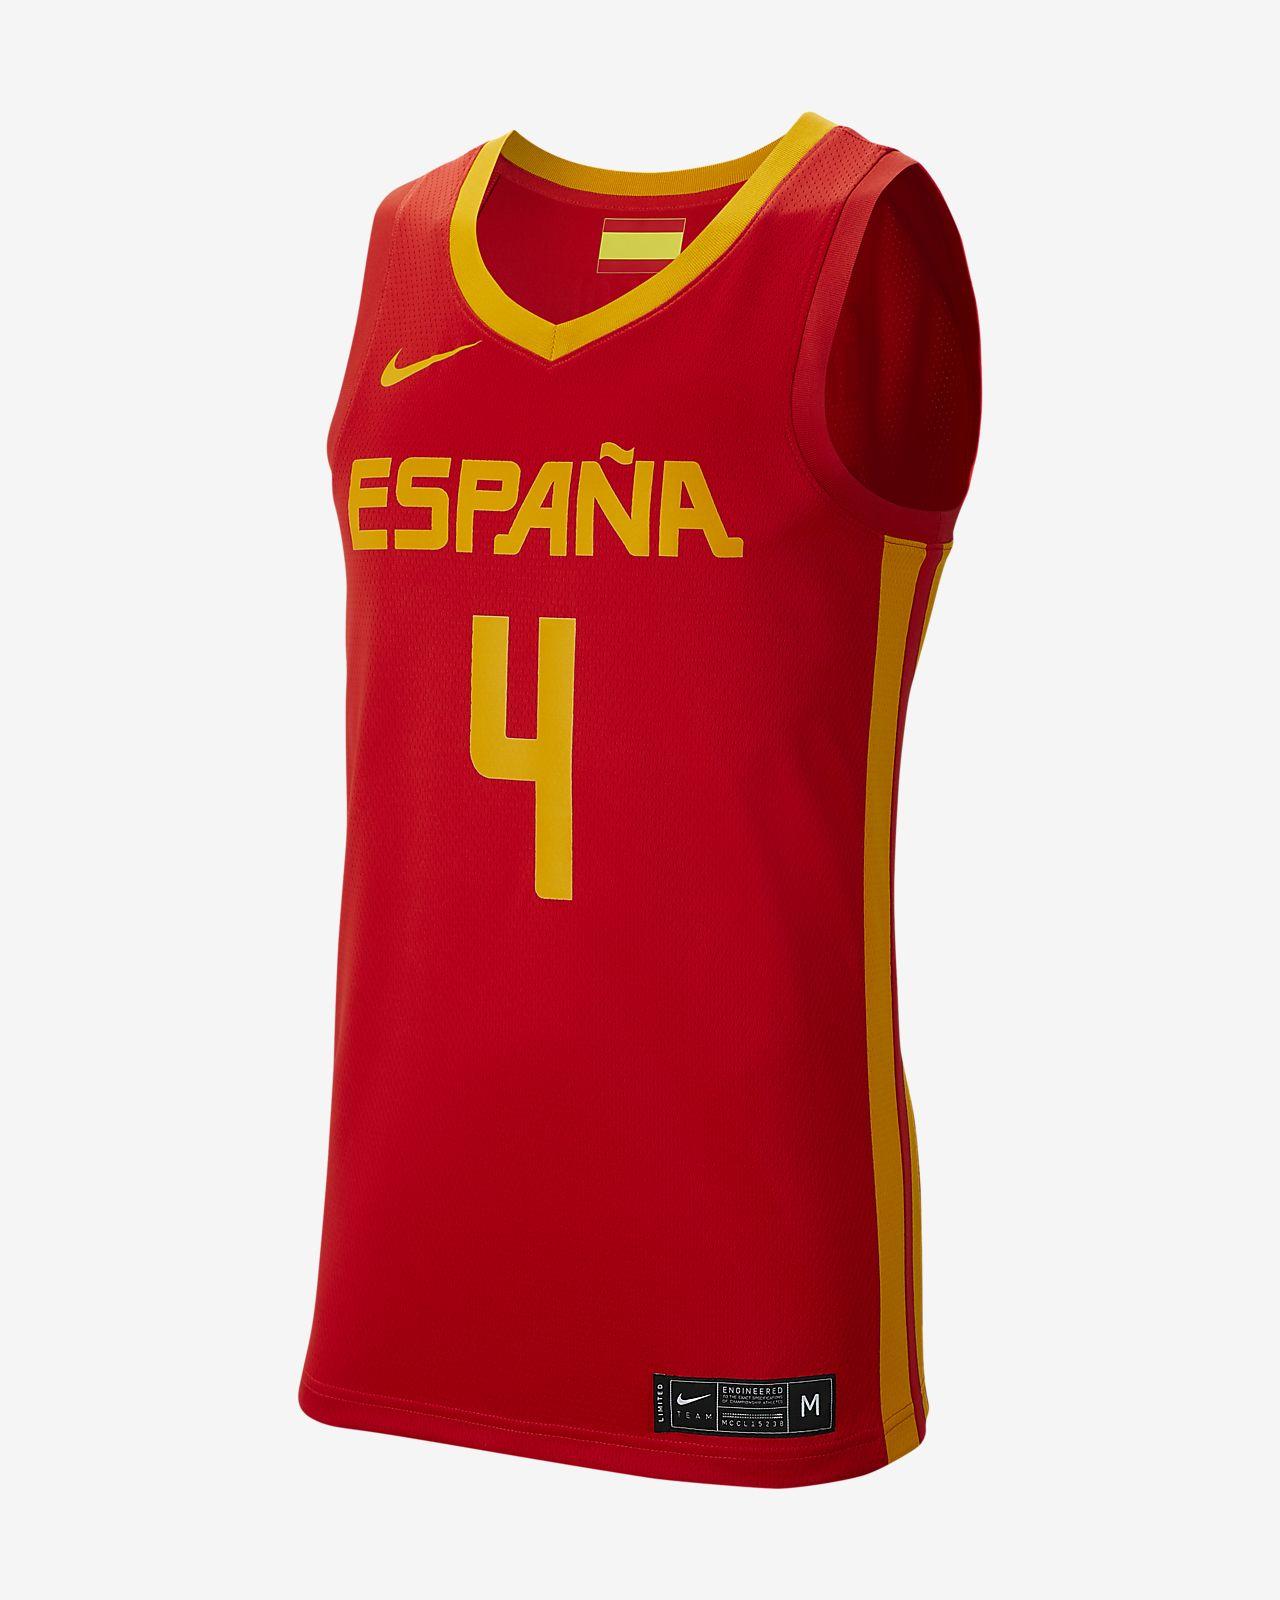 Spanien Nike (Road) Herren-Basketballtrikot